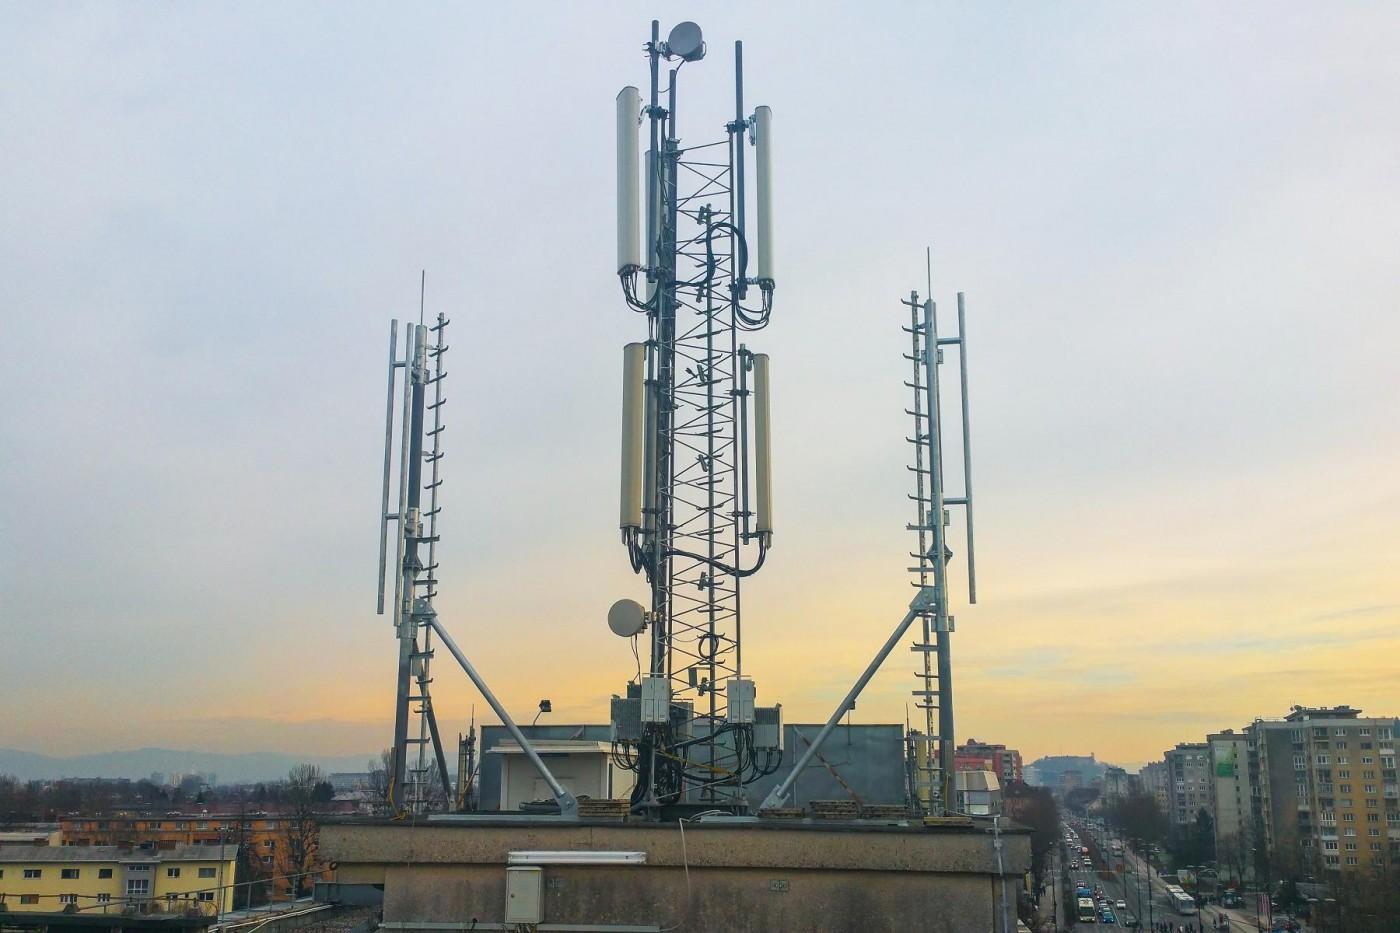 5G競標!電信五雄過招110回合,標金衝上全球第4高